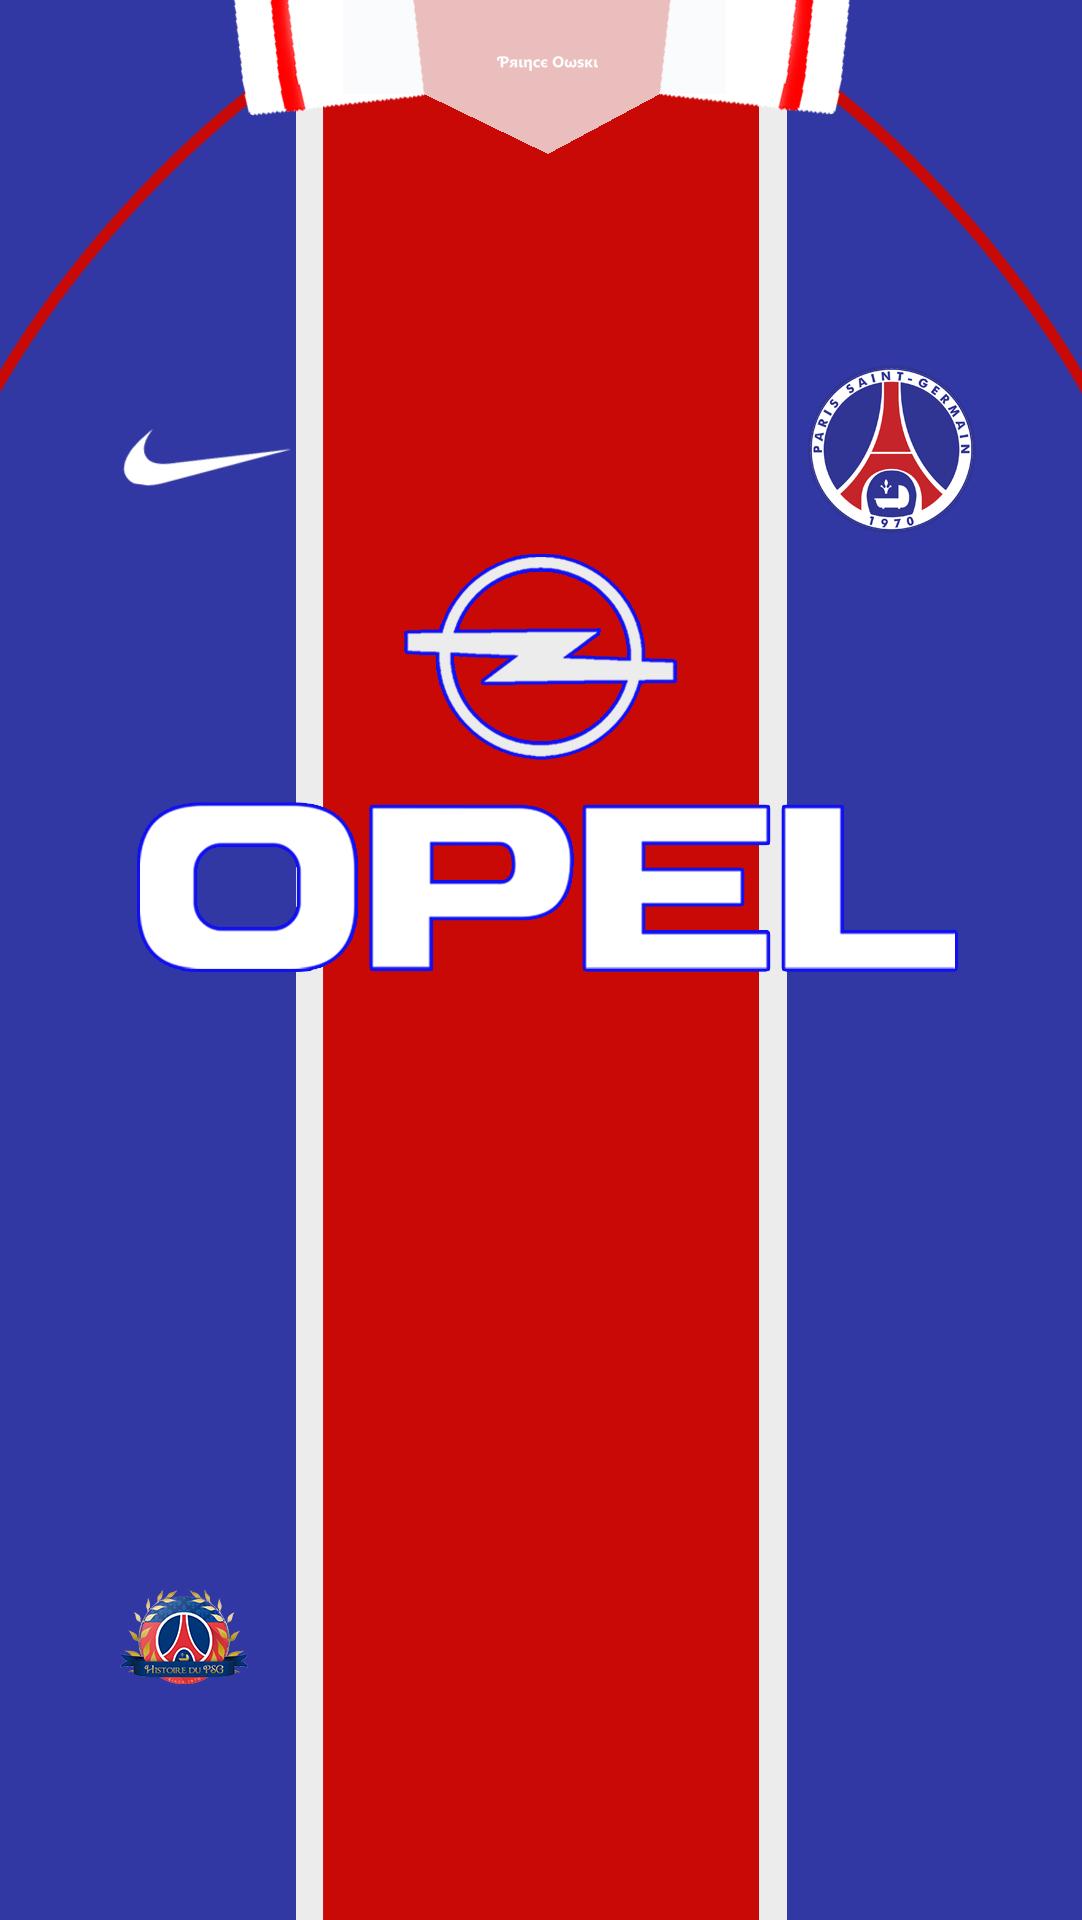 Fond-d'ecran-maillot-PSG-96-97-dom-D1